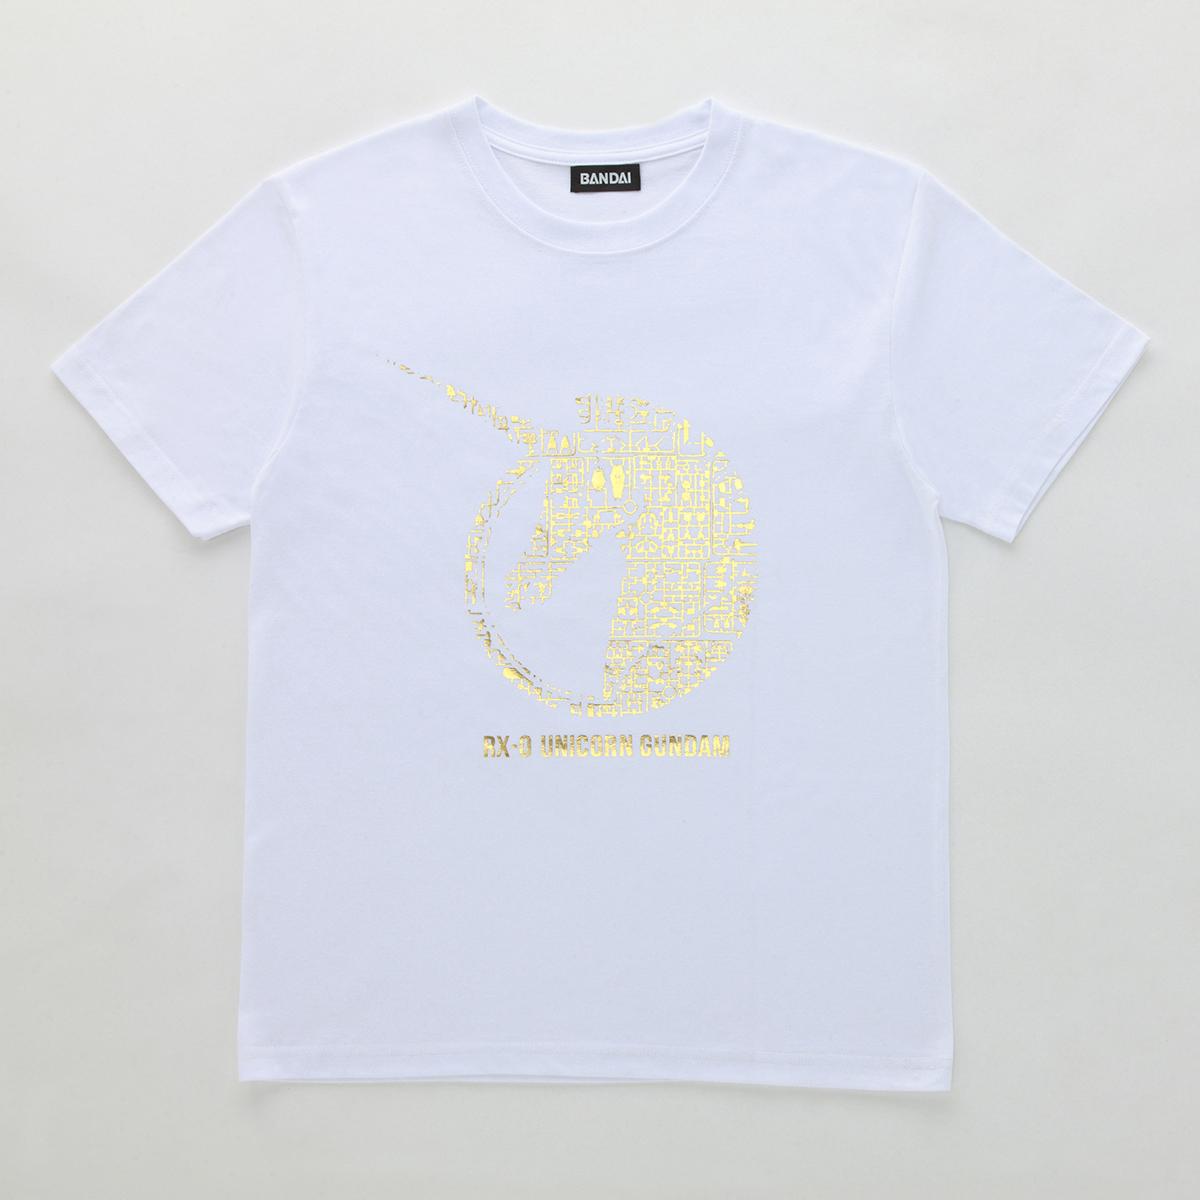 機動戦士ガンダムユニコーン ガンプラ ランナー Tシャツ  RX-0 ユニコーン白金